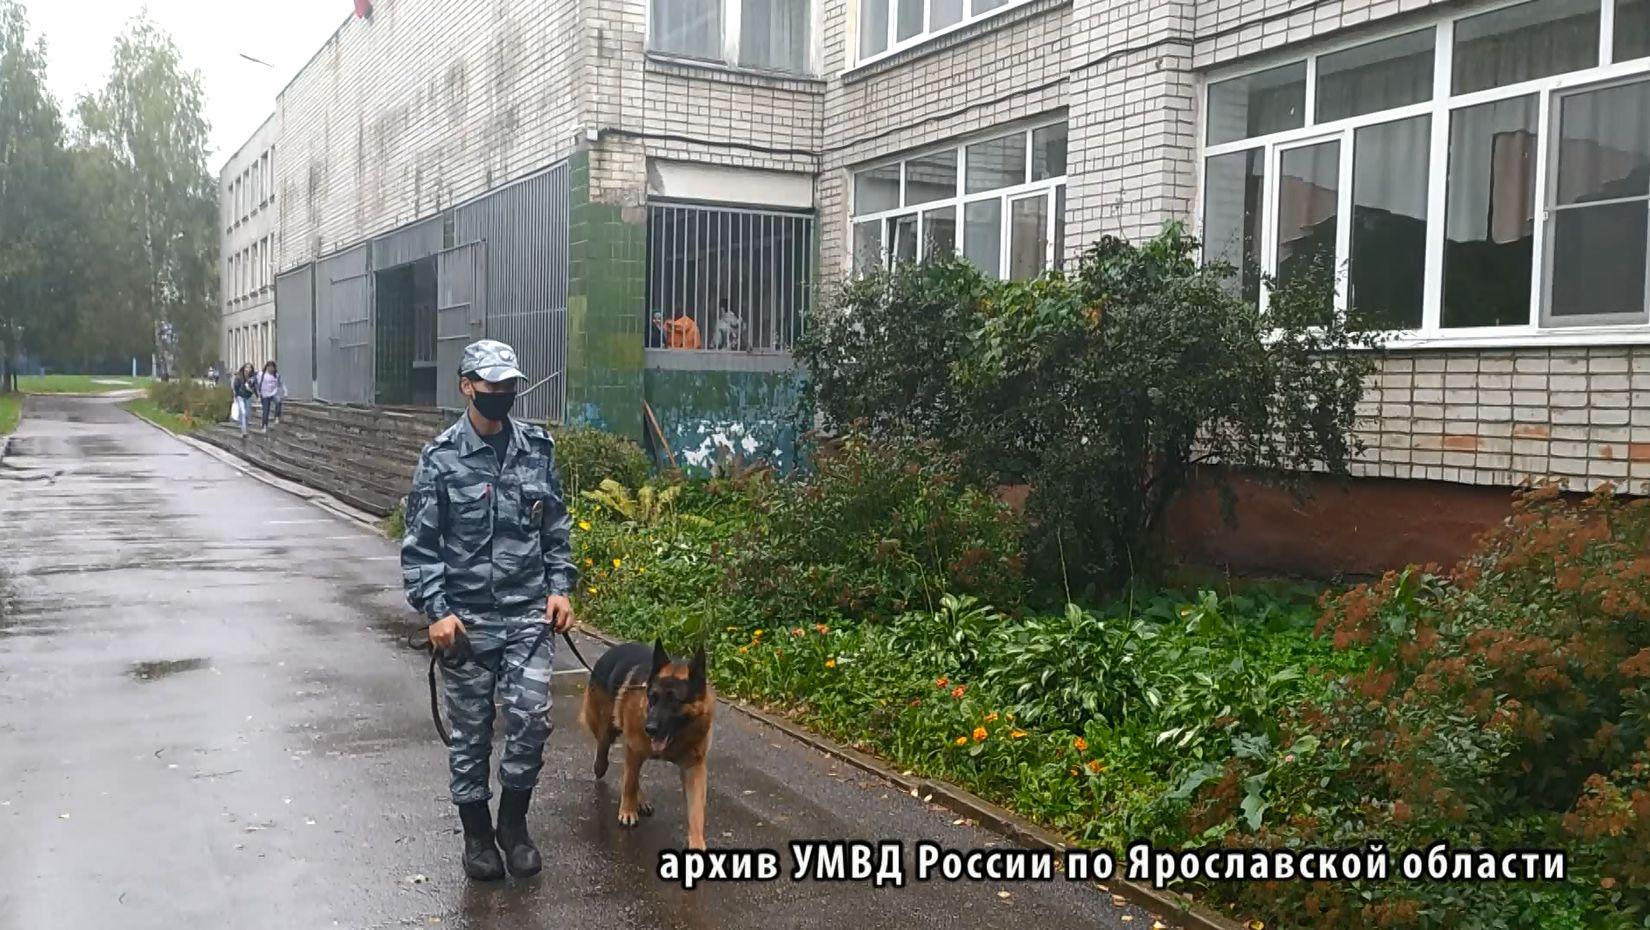 Вся полиция Ярославской области перешла на работу в усиленном режиме в канун 1 сентября